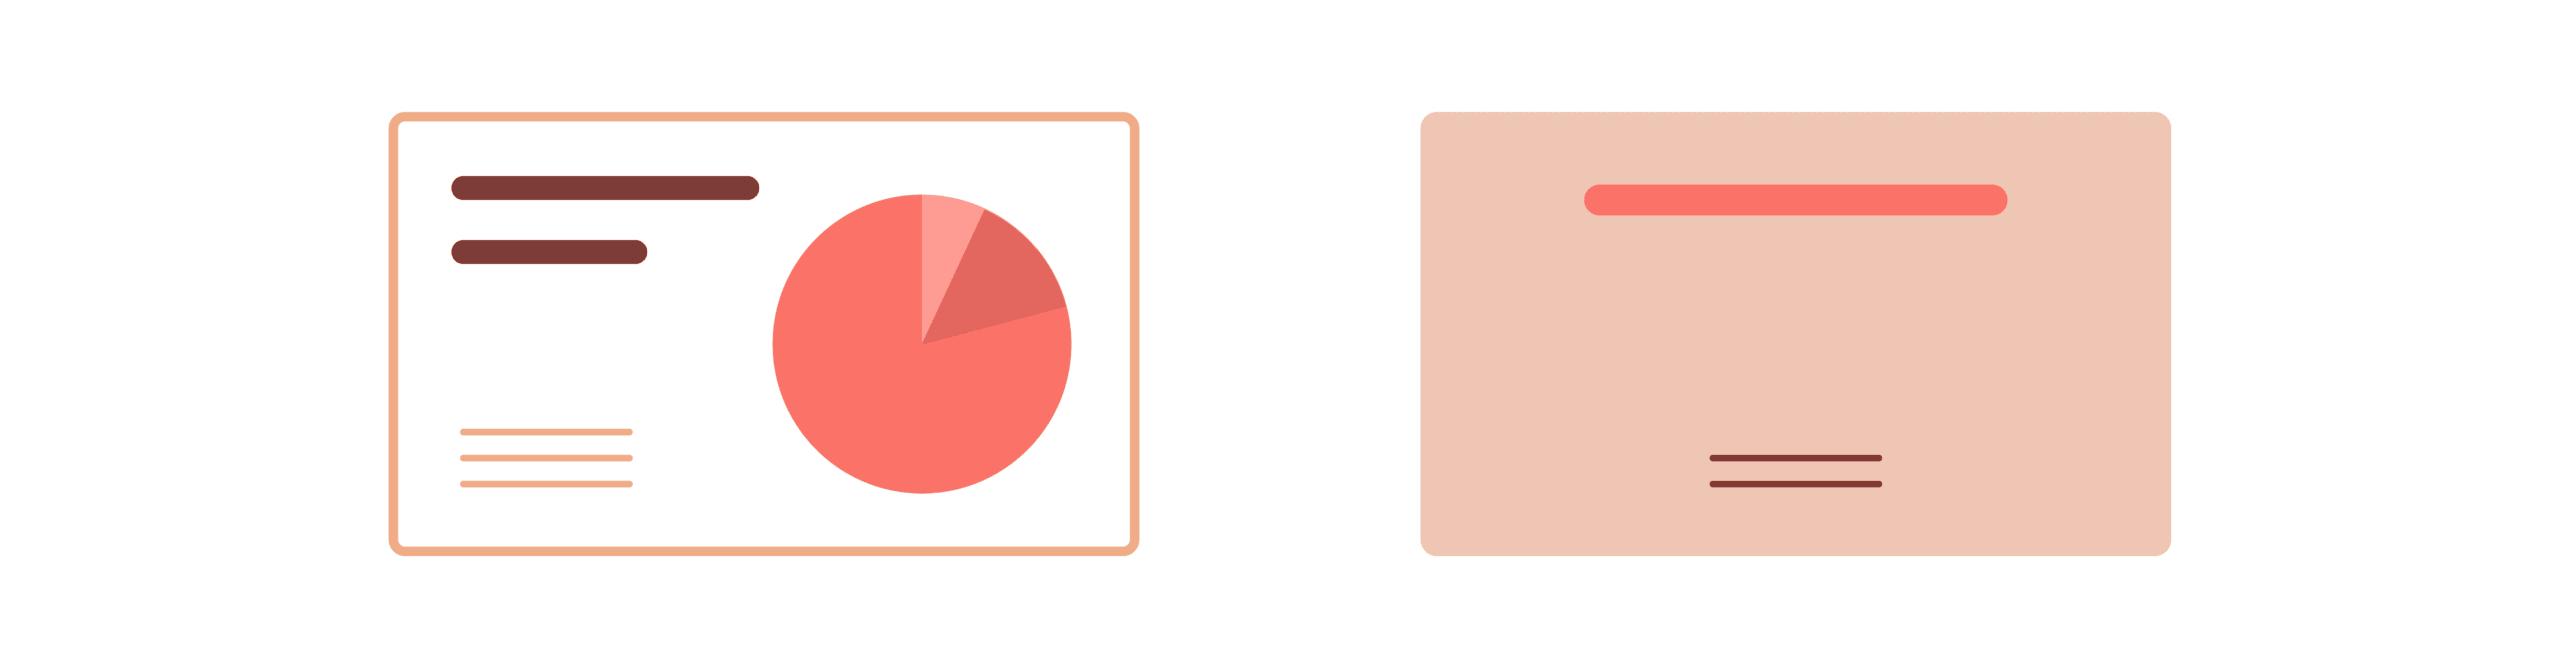 Living color graphics for Sympatico palette